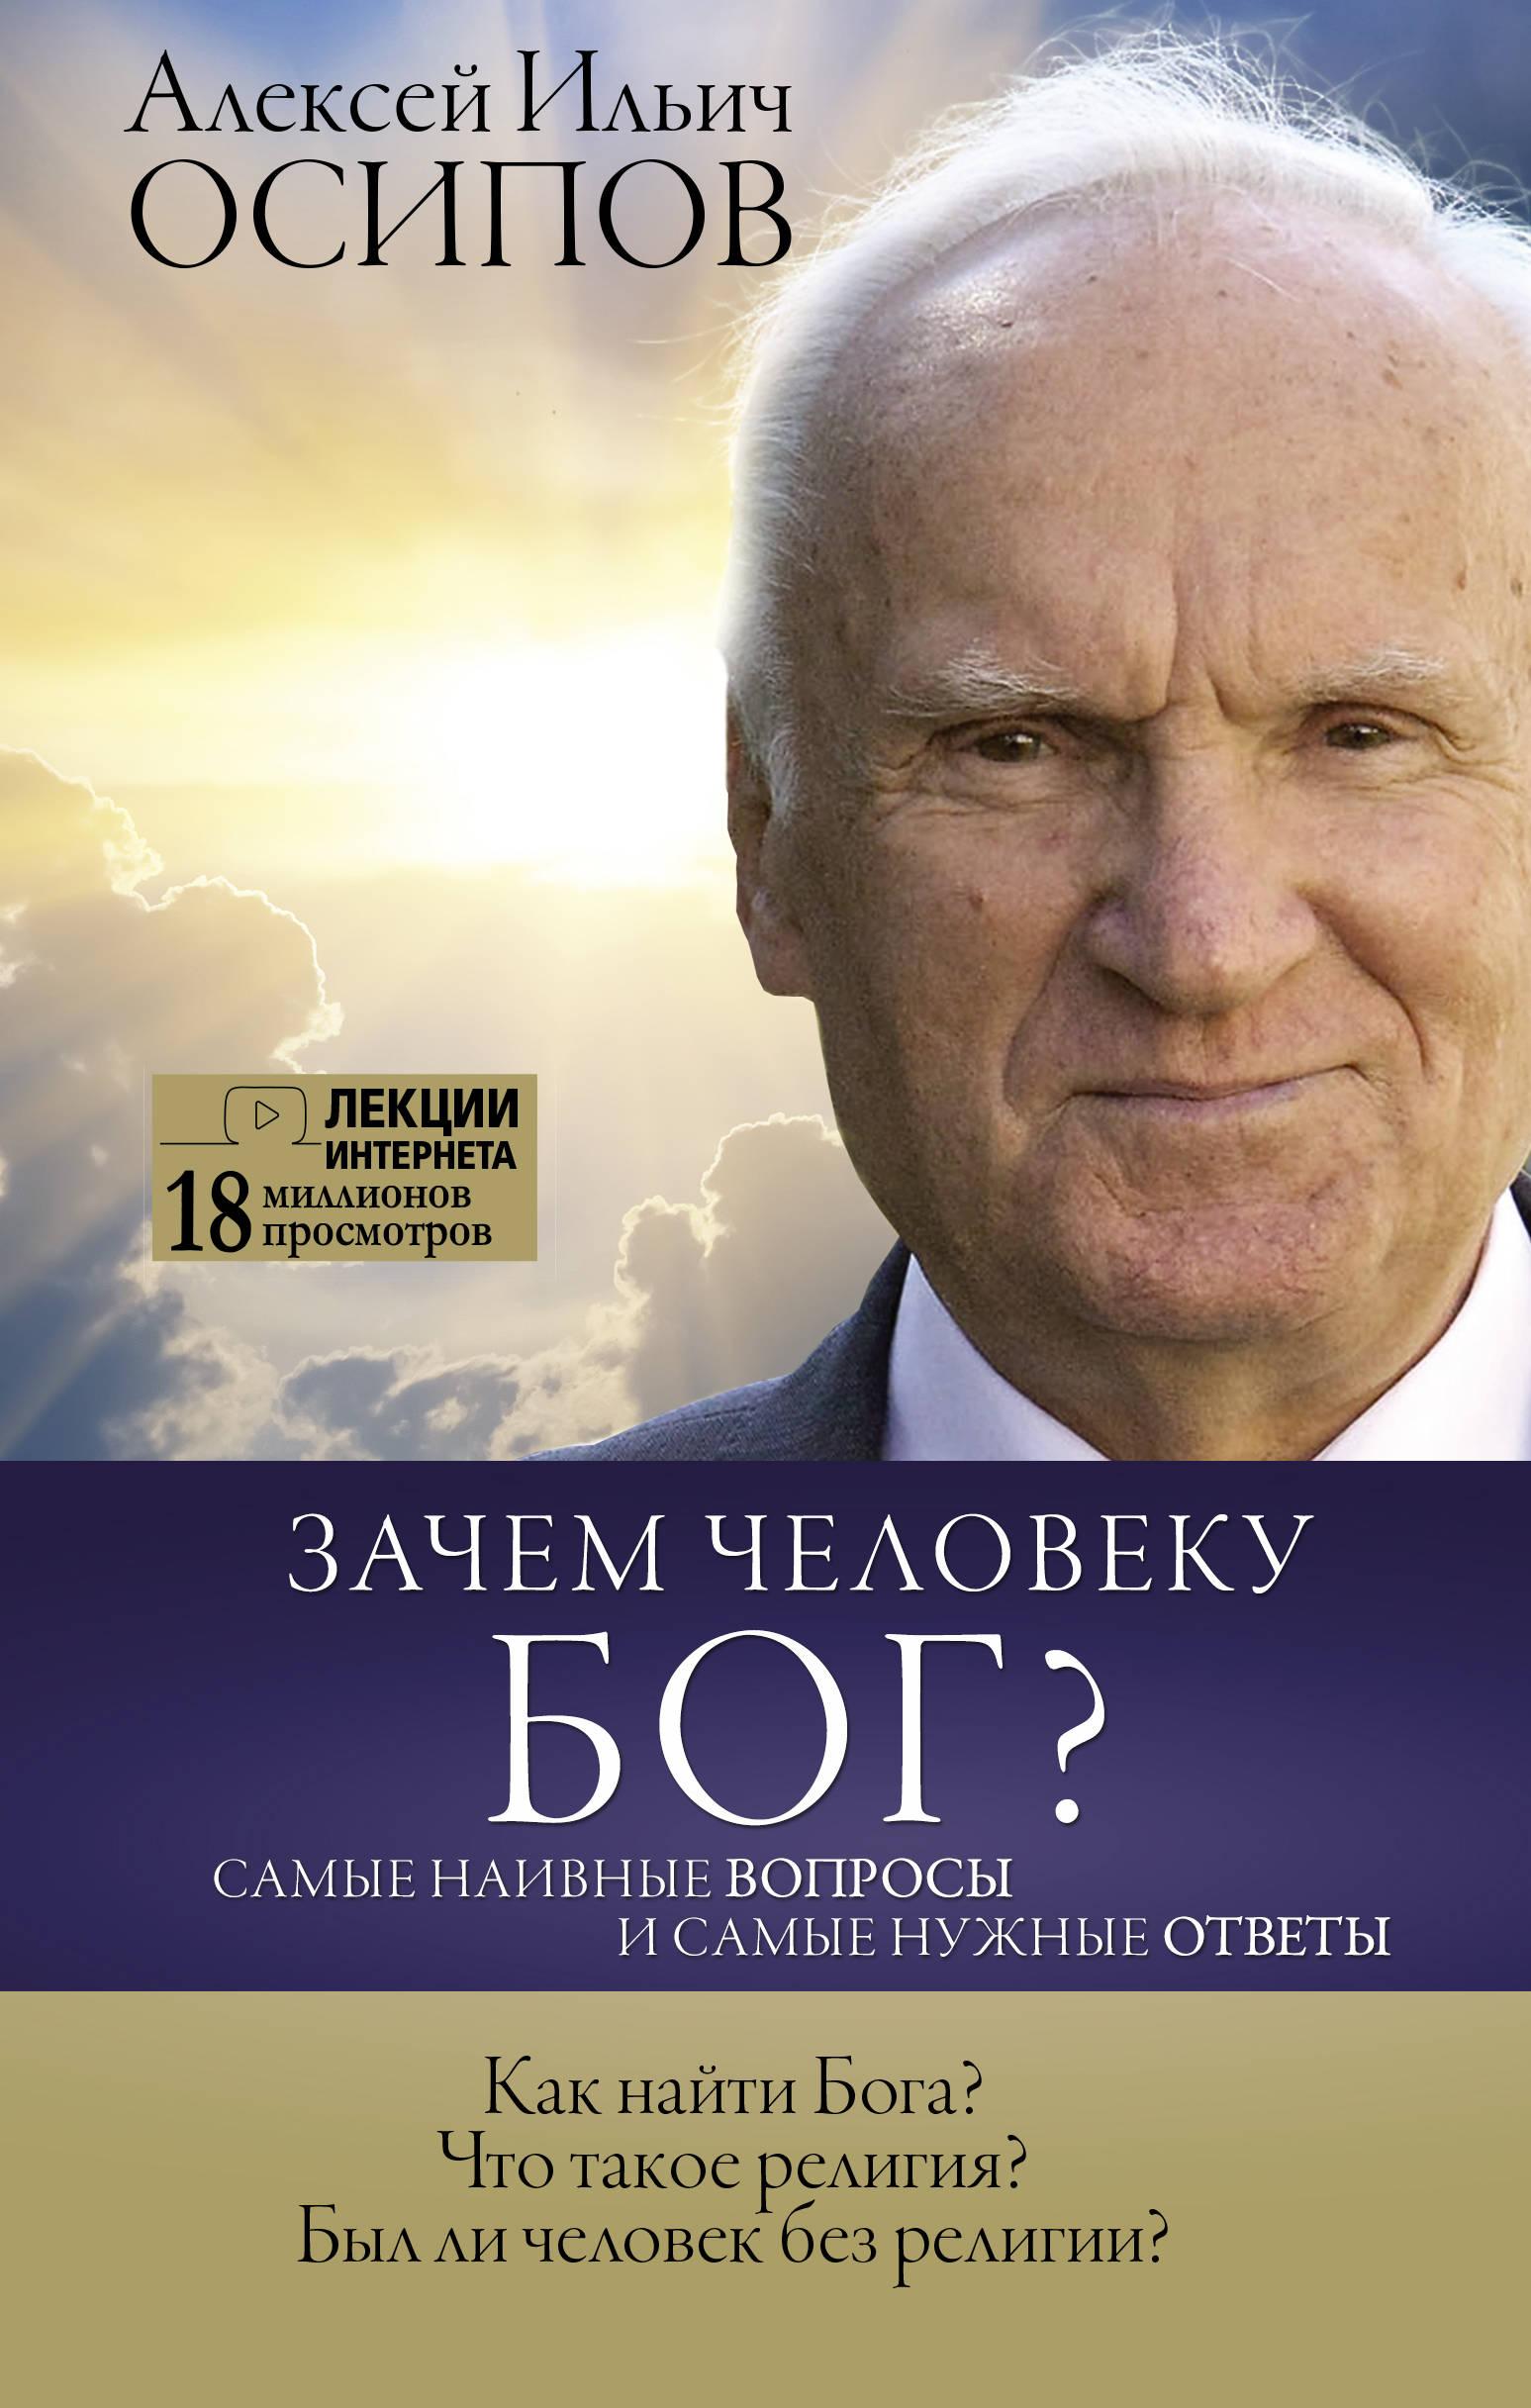 Алексей Ильич Осипов Зачем человеку Бог? Самые наивные вопросы и самые нужные ответы